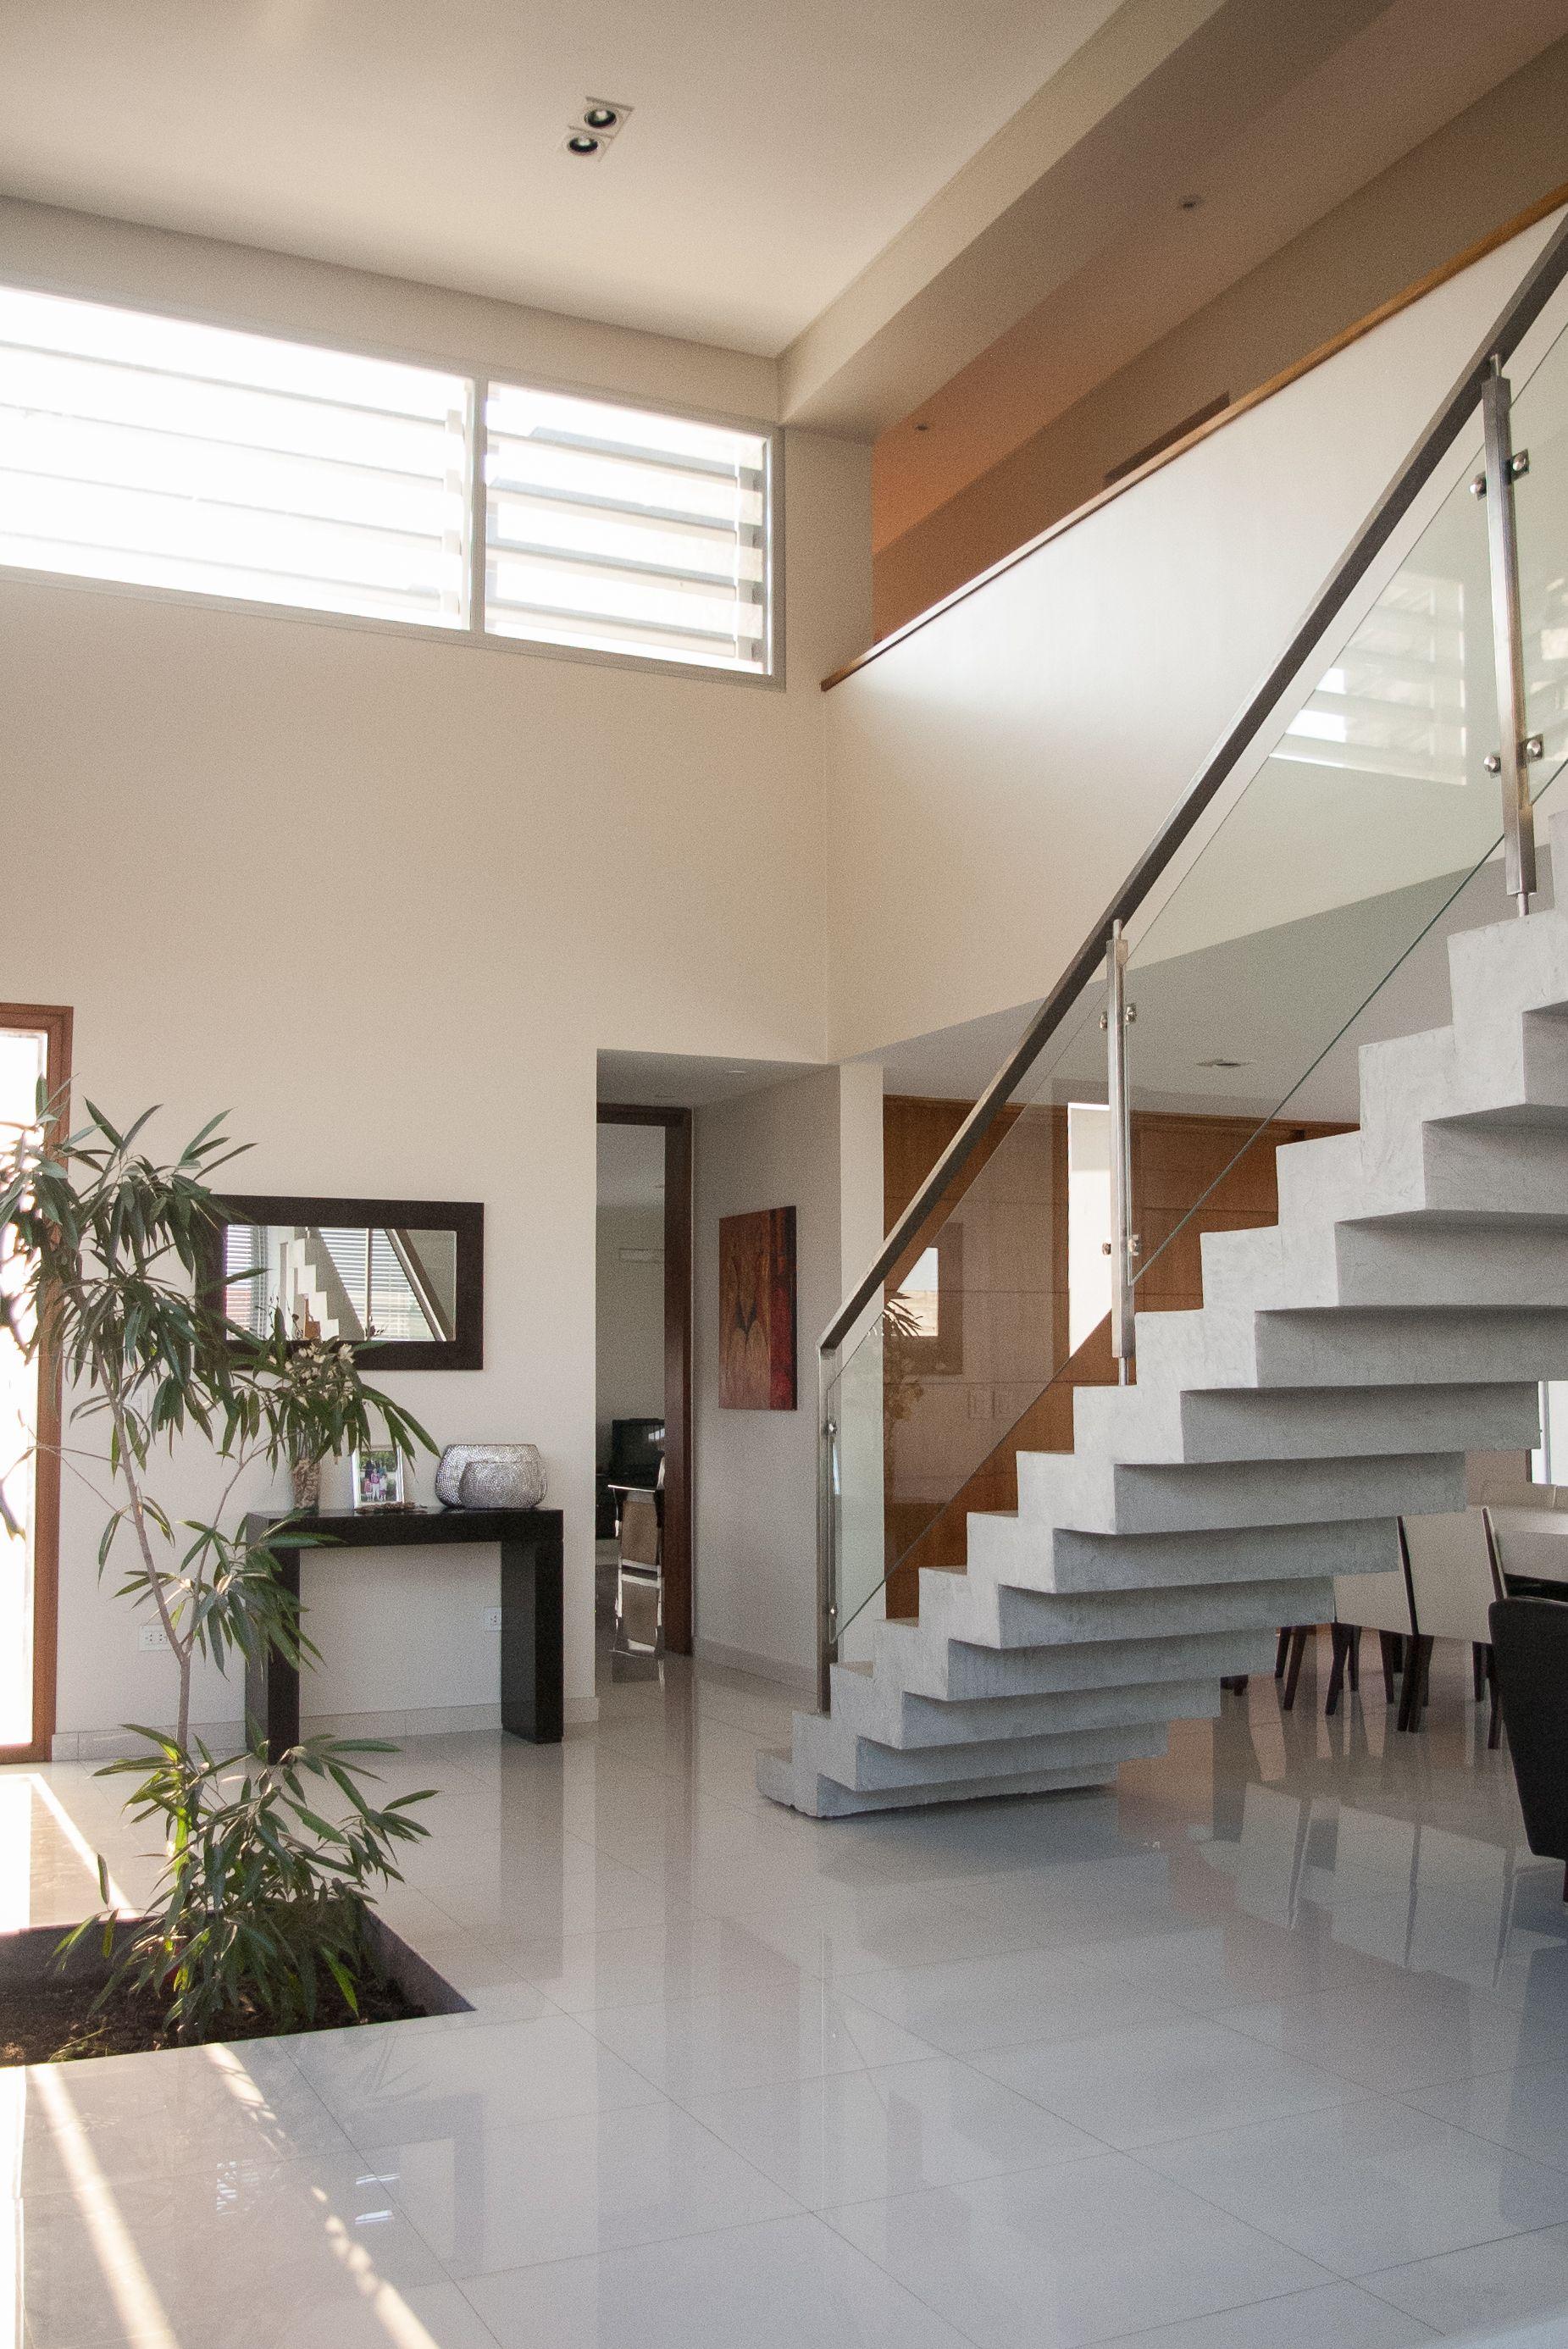 Doble altura vegetacion integrada a los ambientes for Iluminacion escaleras interiores